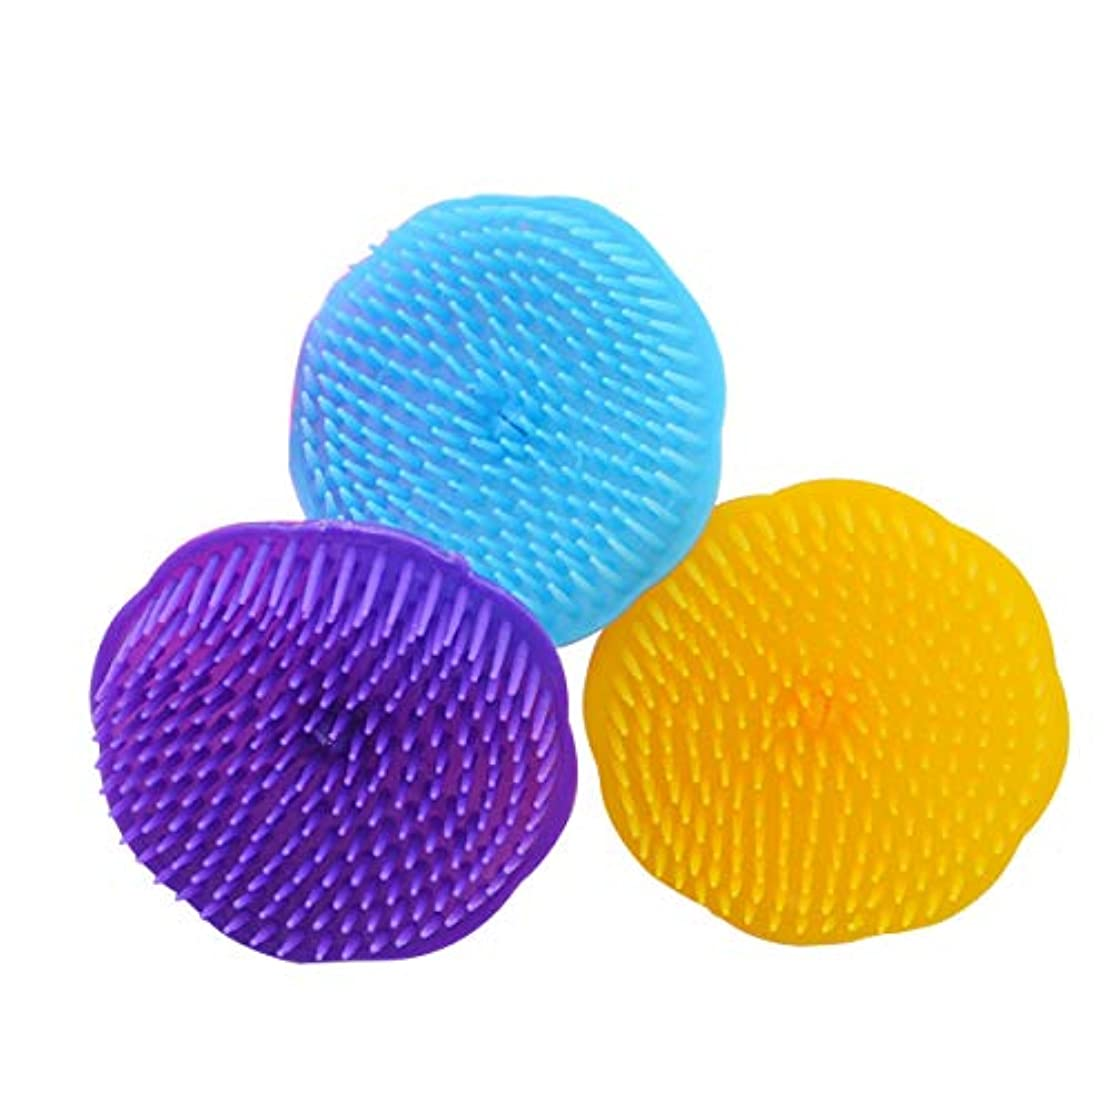 アクセスできないレベルジャムSUPVOX ヘアマッサージブラシ シャワーシャンプー頭皮ブラシヘッドボディマッサージスパスリミングブラシ3PCS(ランダムカラー)